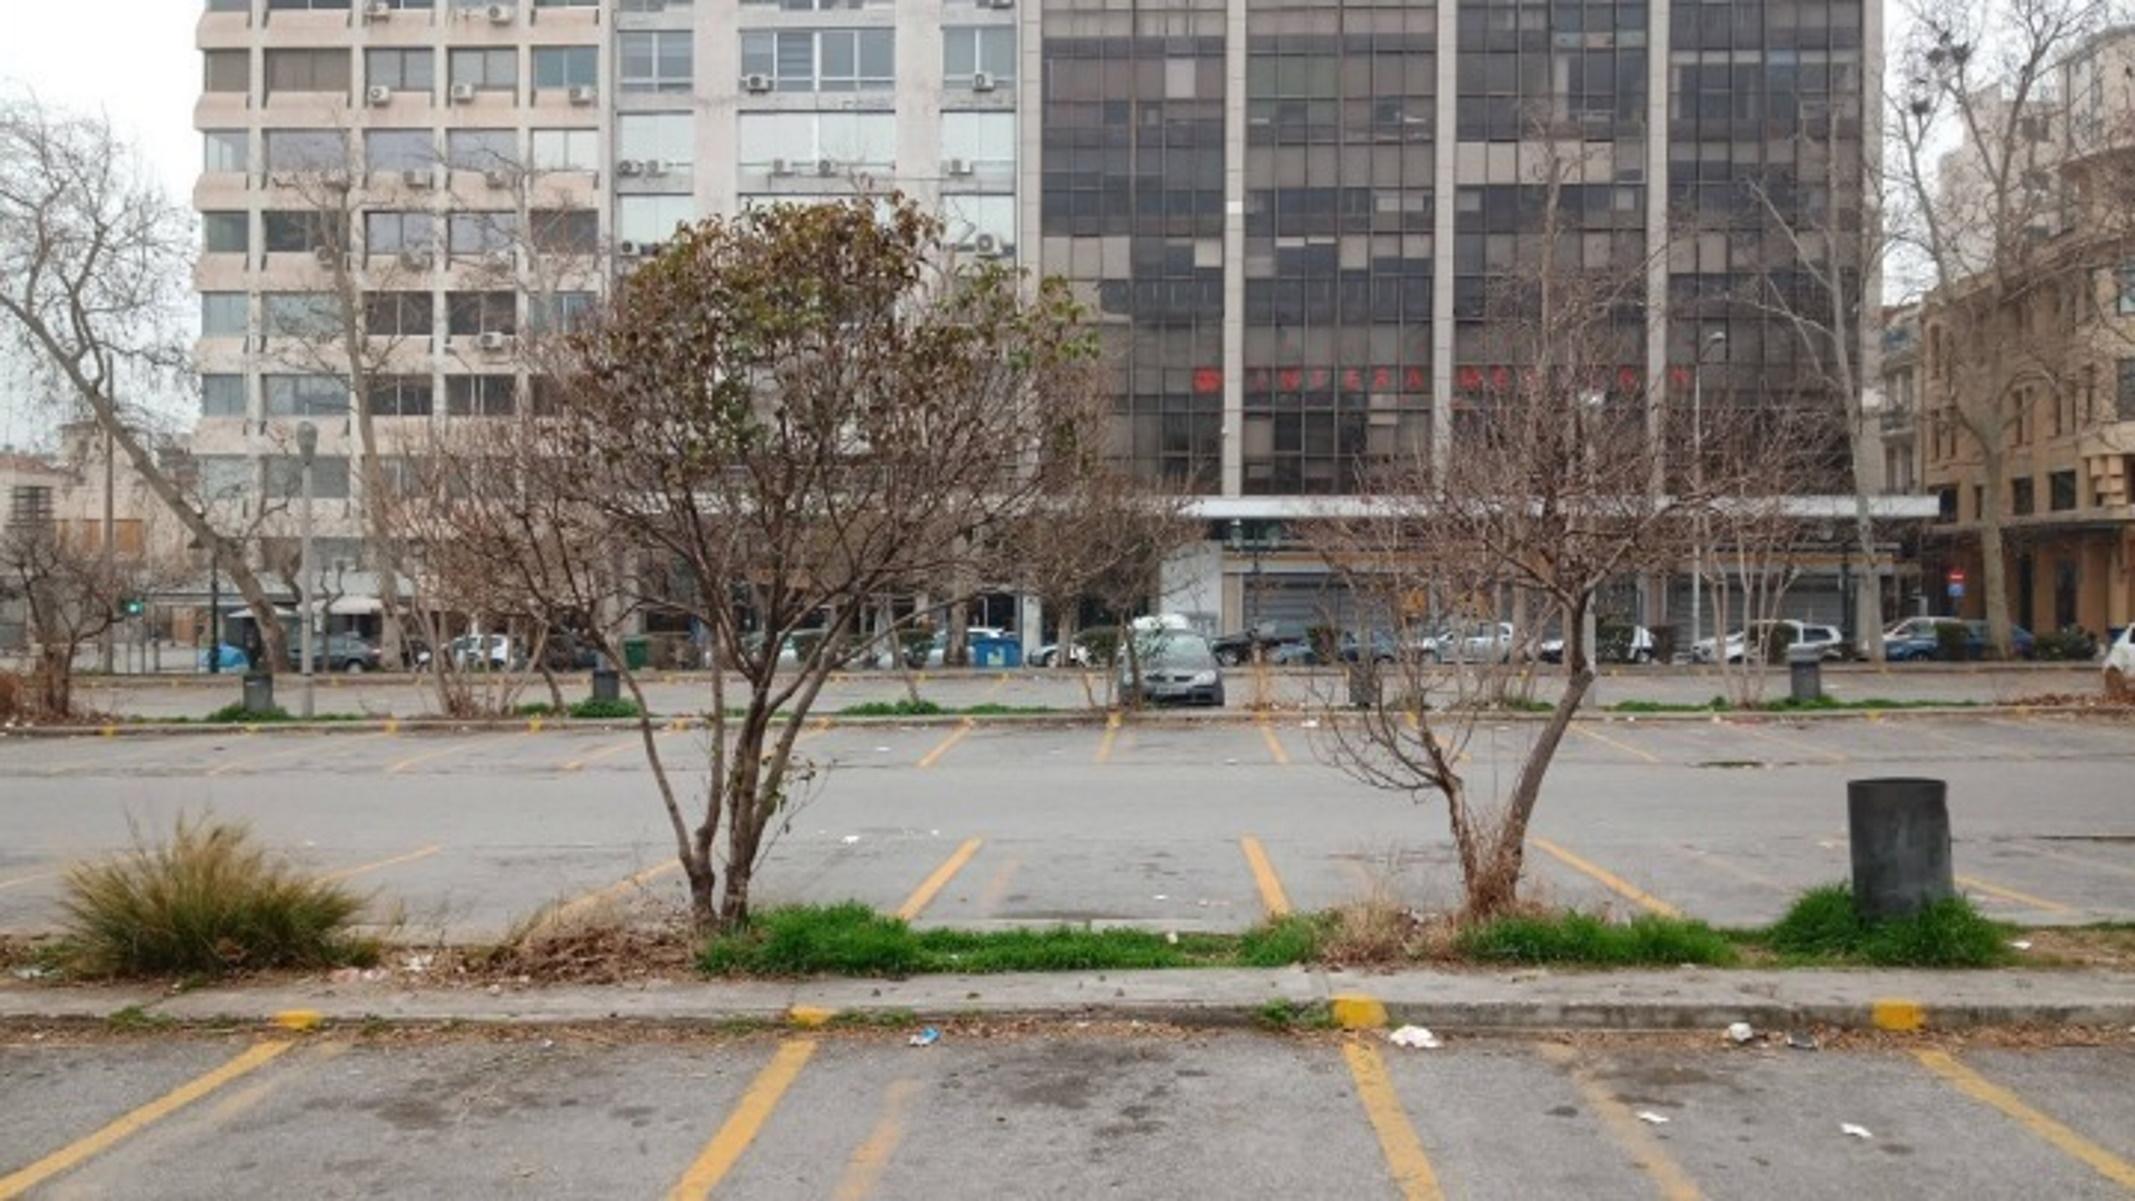 Άγριος ξυλοδαρμός καθηγητή ΤΕΦΑΑ στο πάρκινγκ της σχολής – Σοκάρει η περιγραφή του